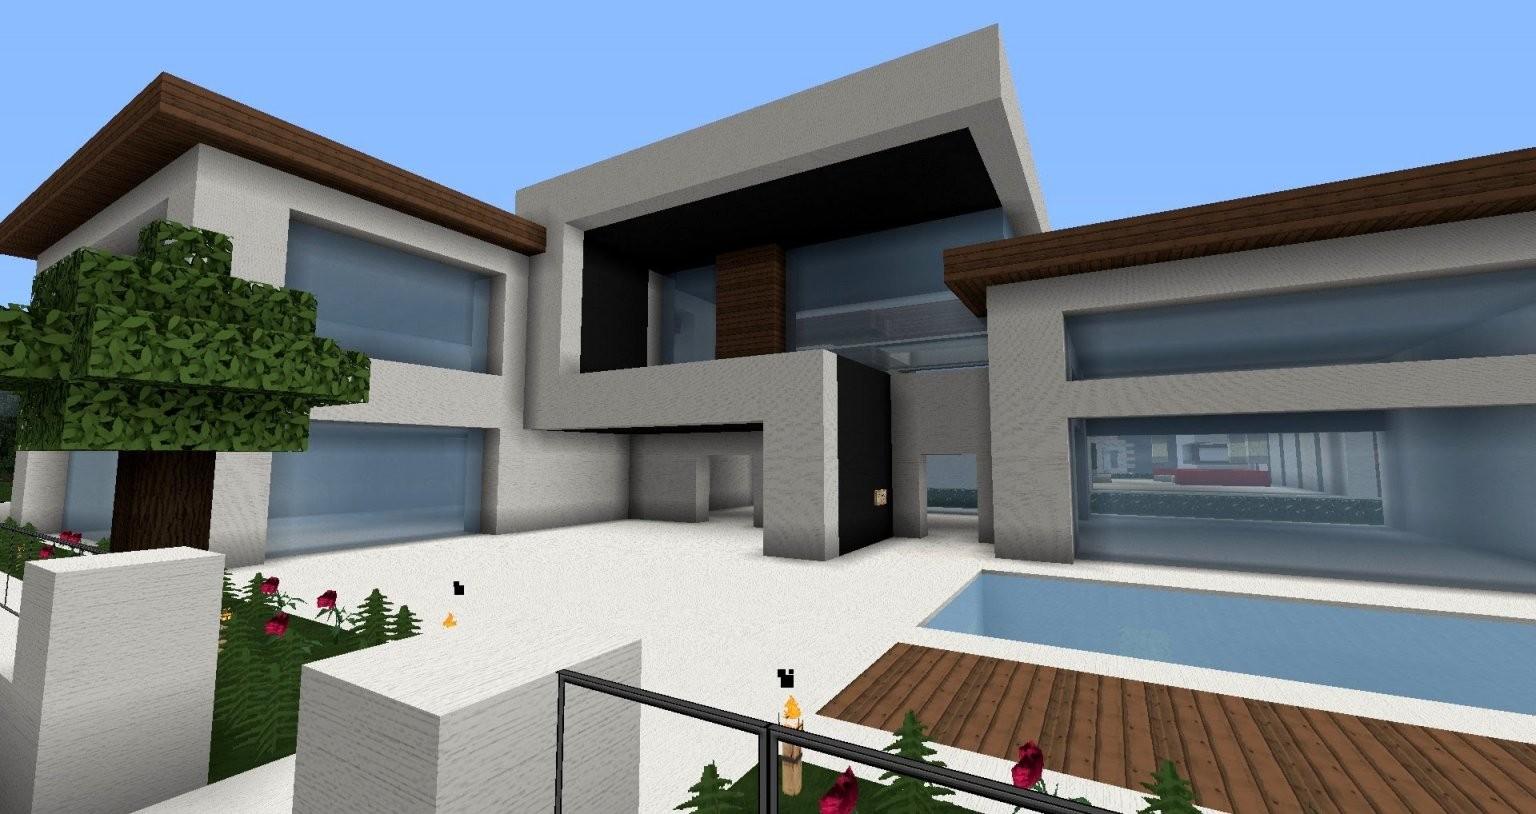 Grundriss Einfamilienhaus 120 Qm von Minecraft Haus Bauen Plan Photo